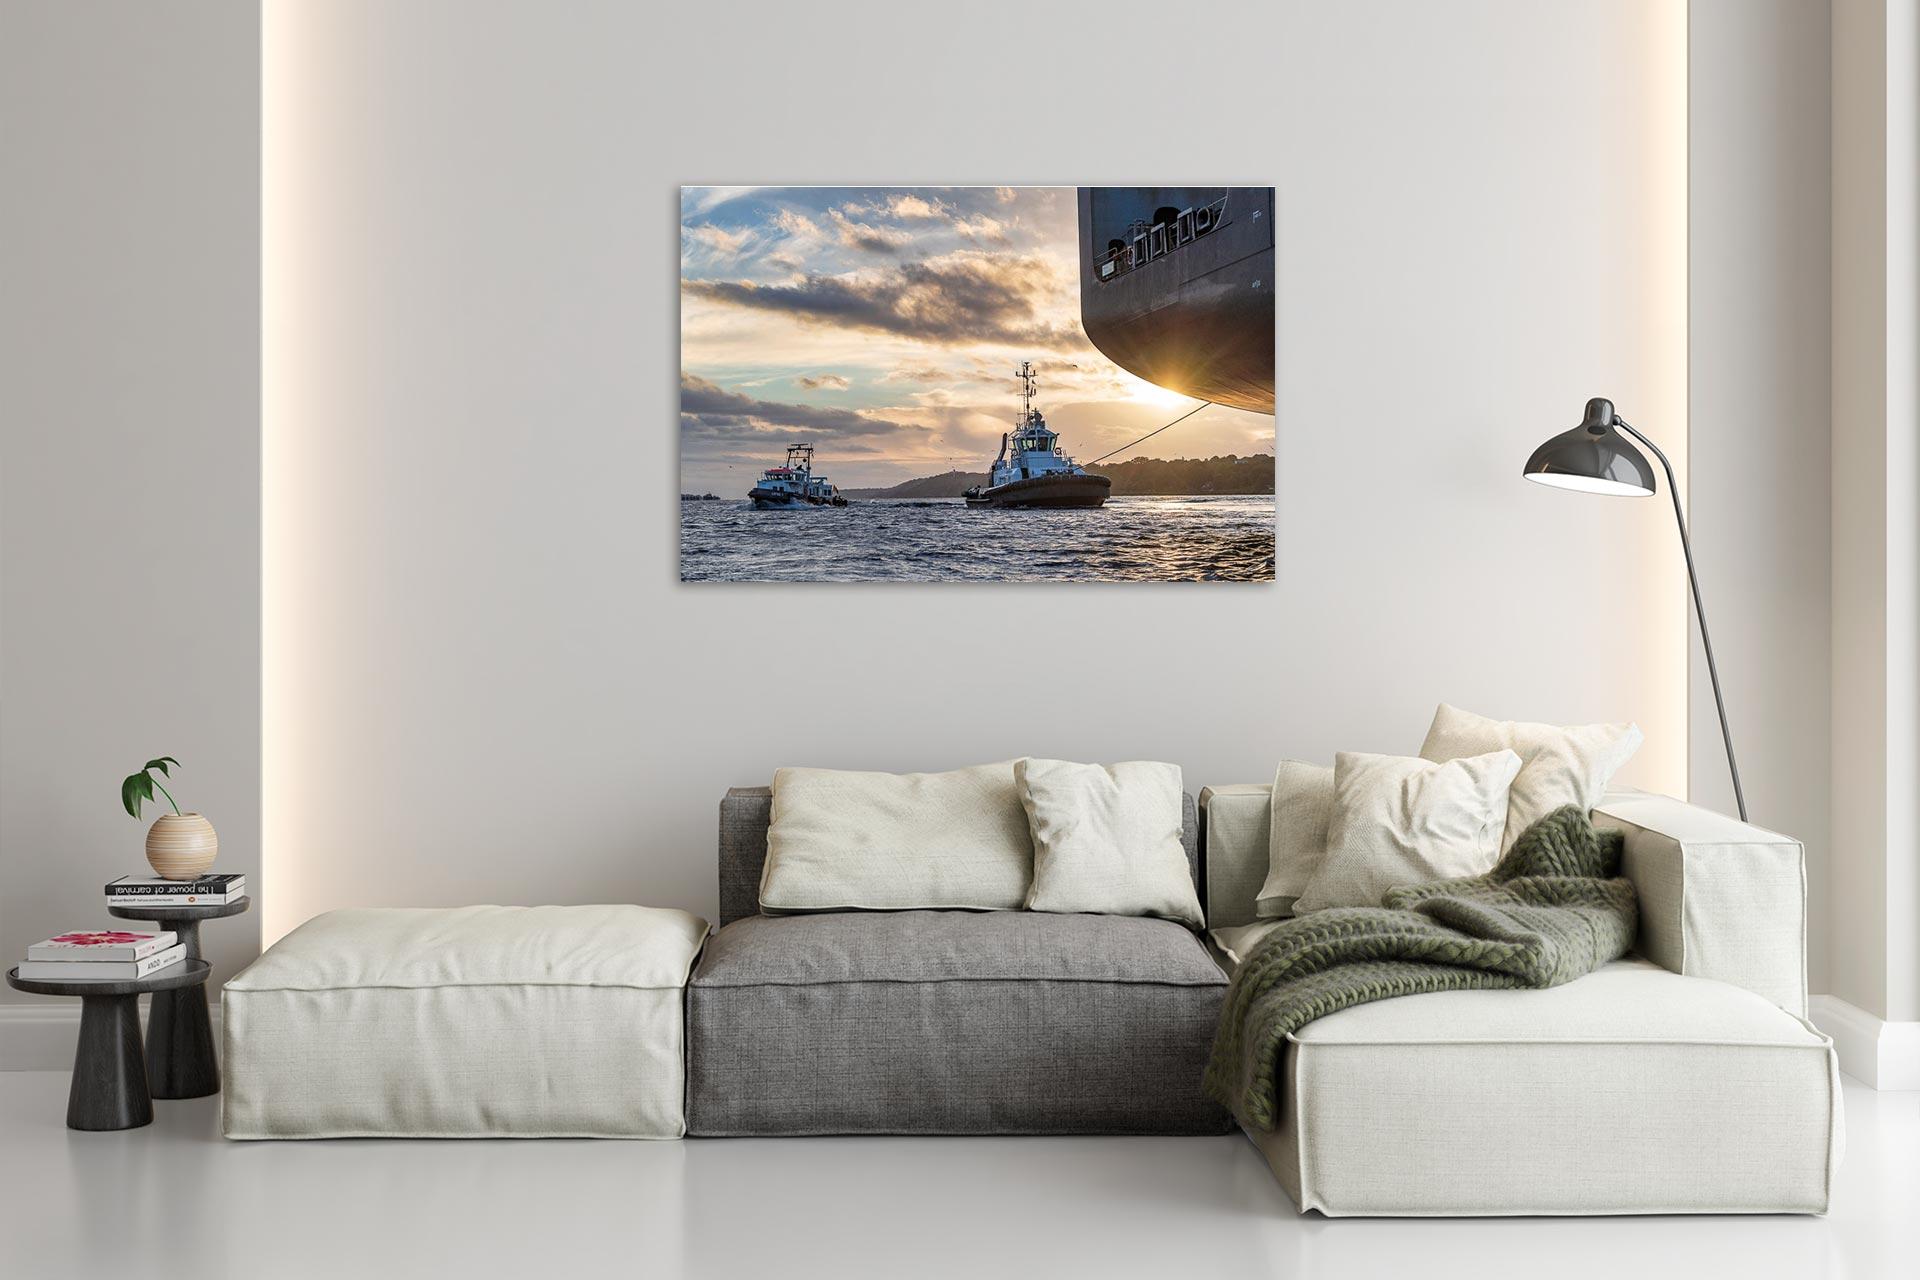 LCW257-lotse-hamburg-wandbild-bild-auf-leinwand-acrylglas-aludibond-wohnzimmer